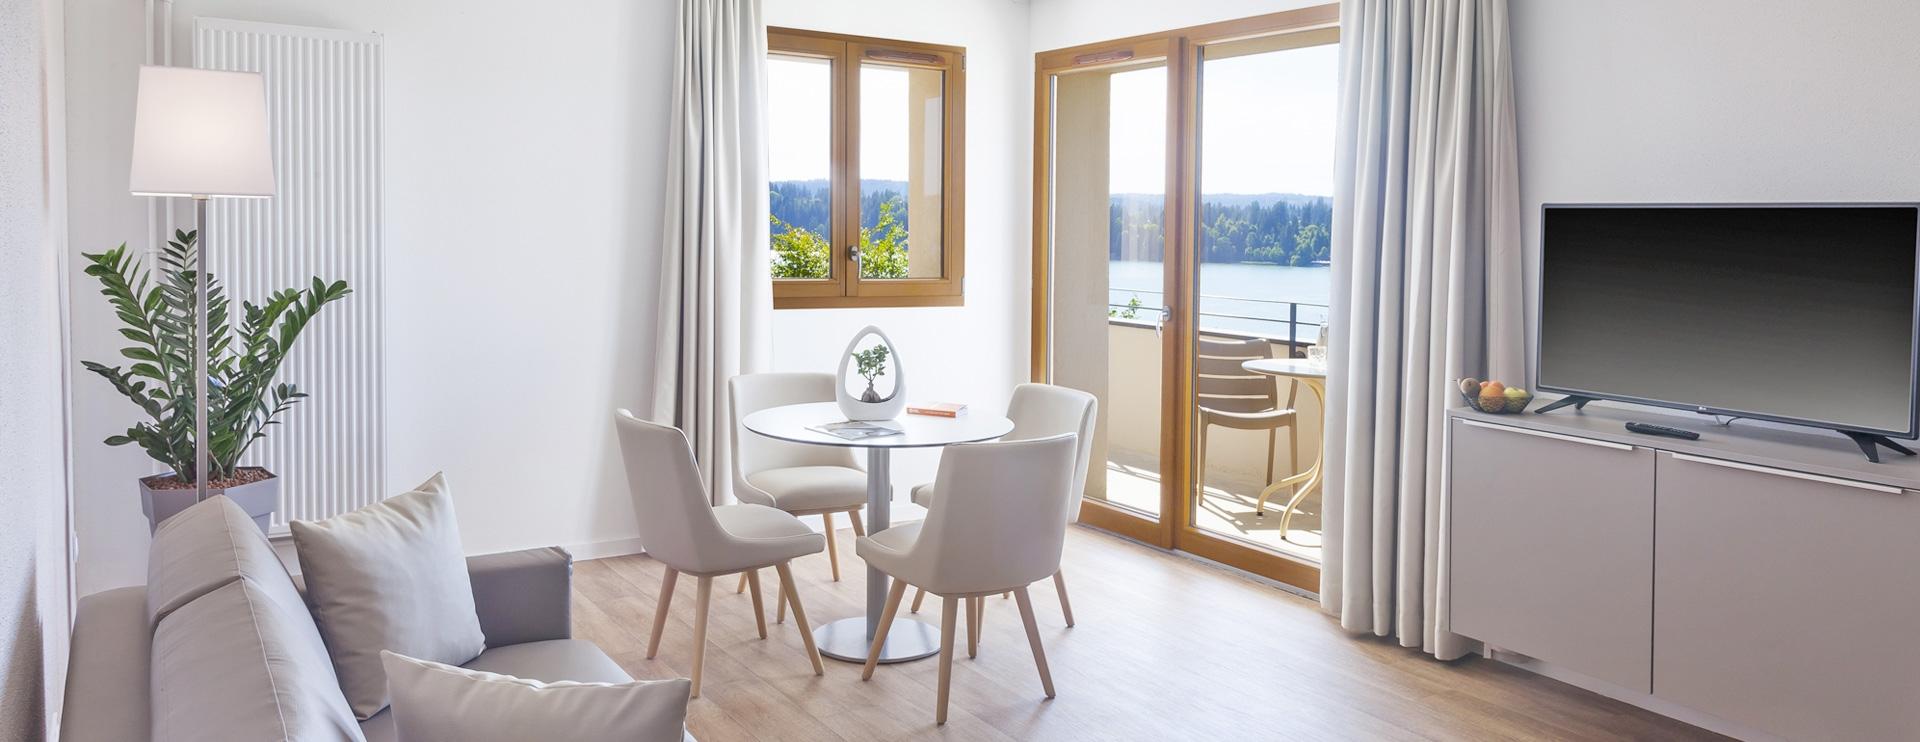 Suite appartement Les Rives Sauvages Malbuisson